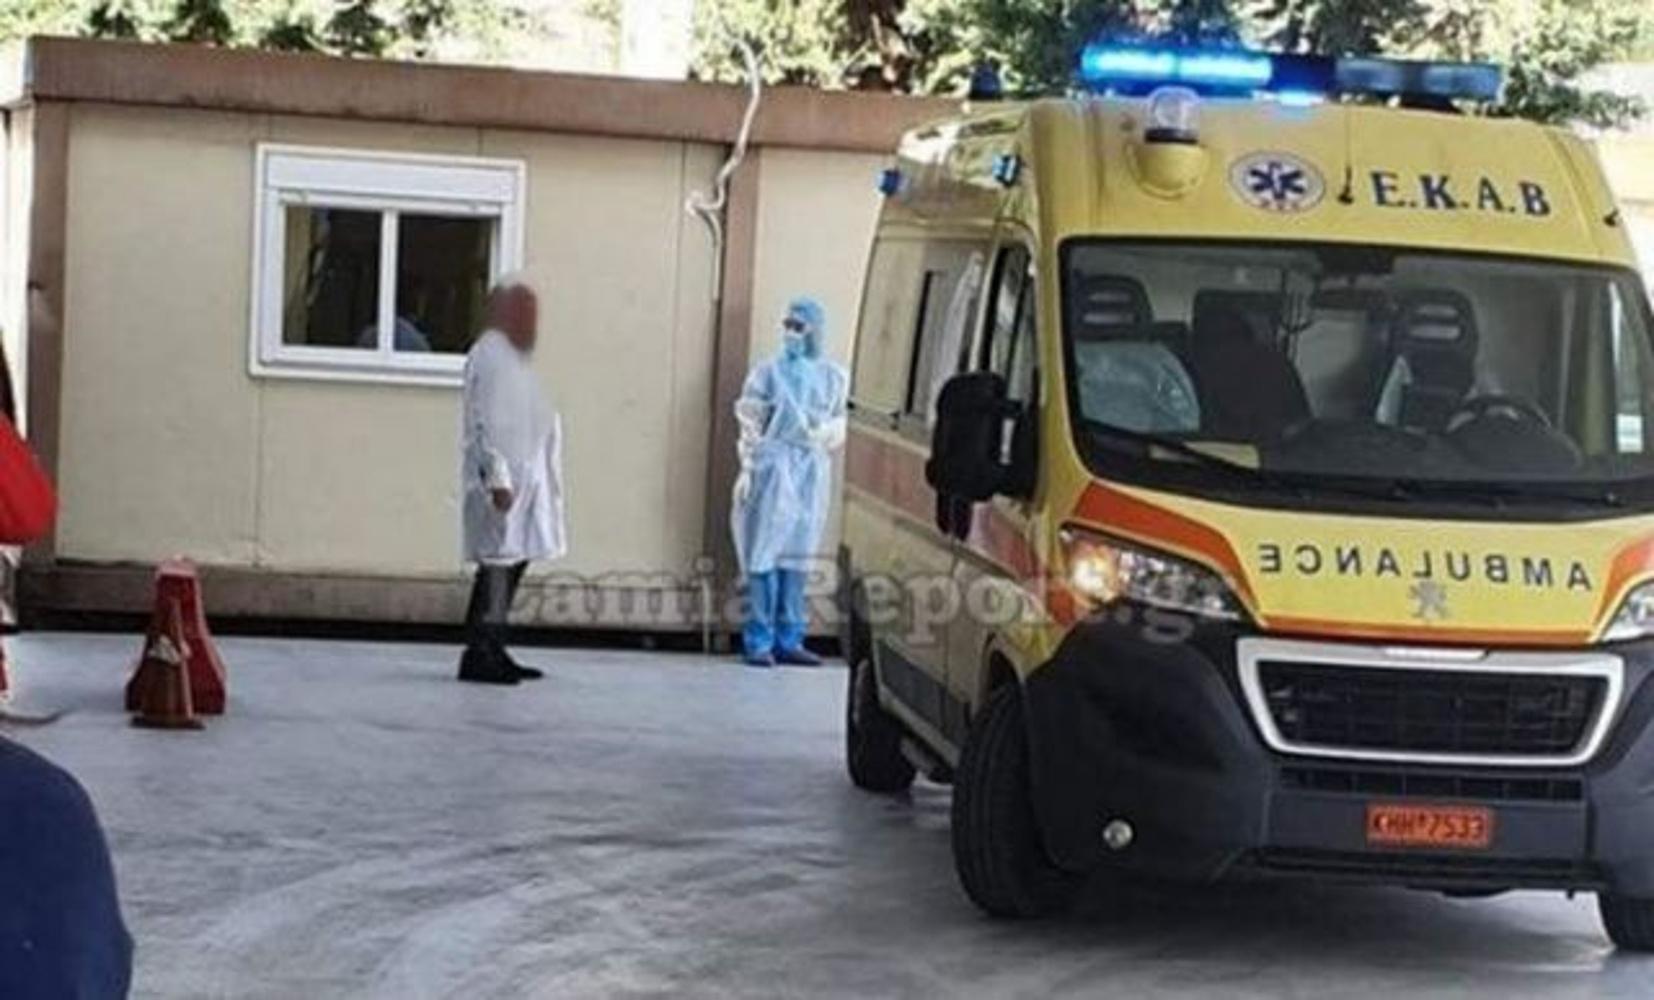 Μαλεσίνα: Δράμα δίχως τέλος – 12 οι θάνατοι από κορονοϊό στην περιοχή